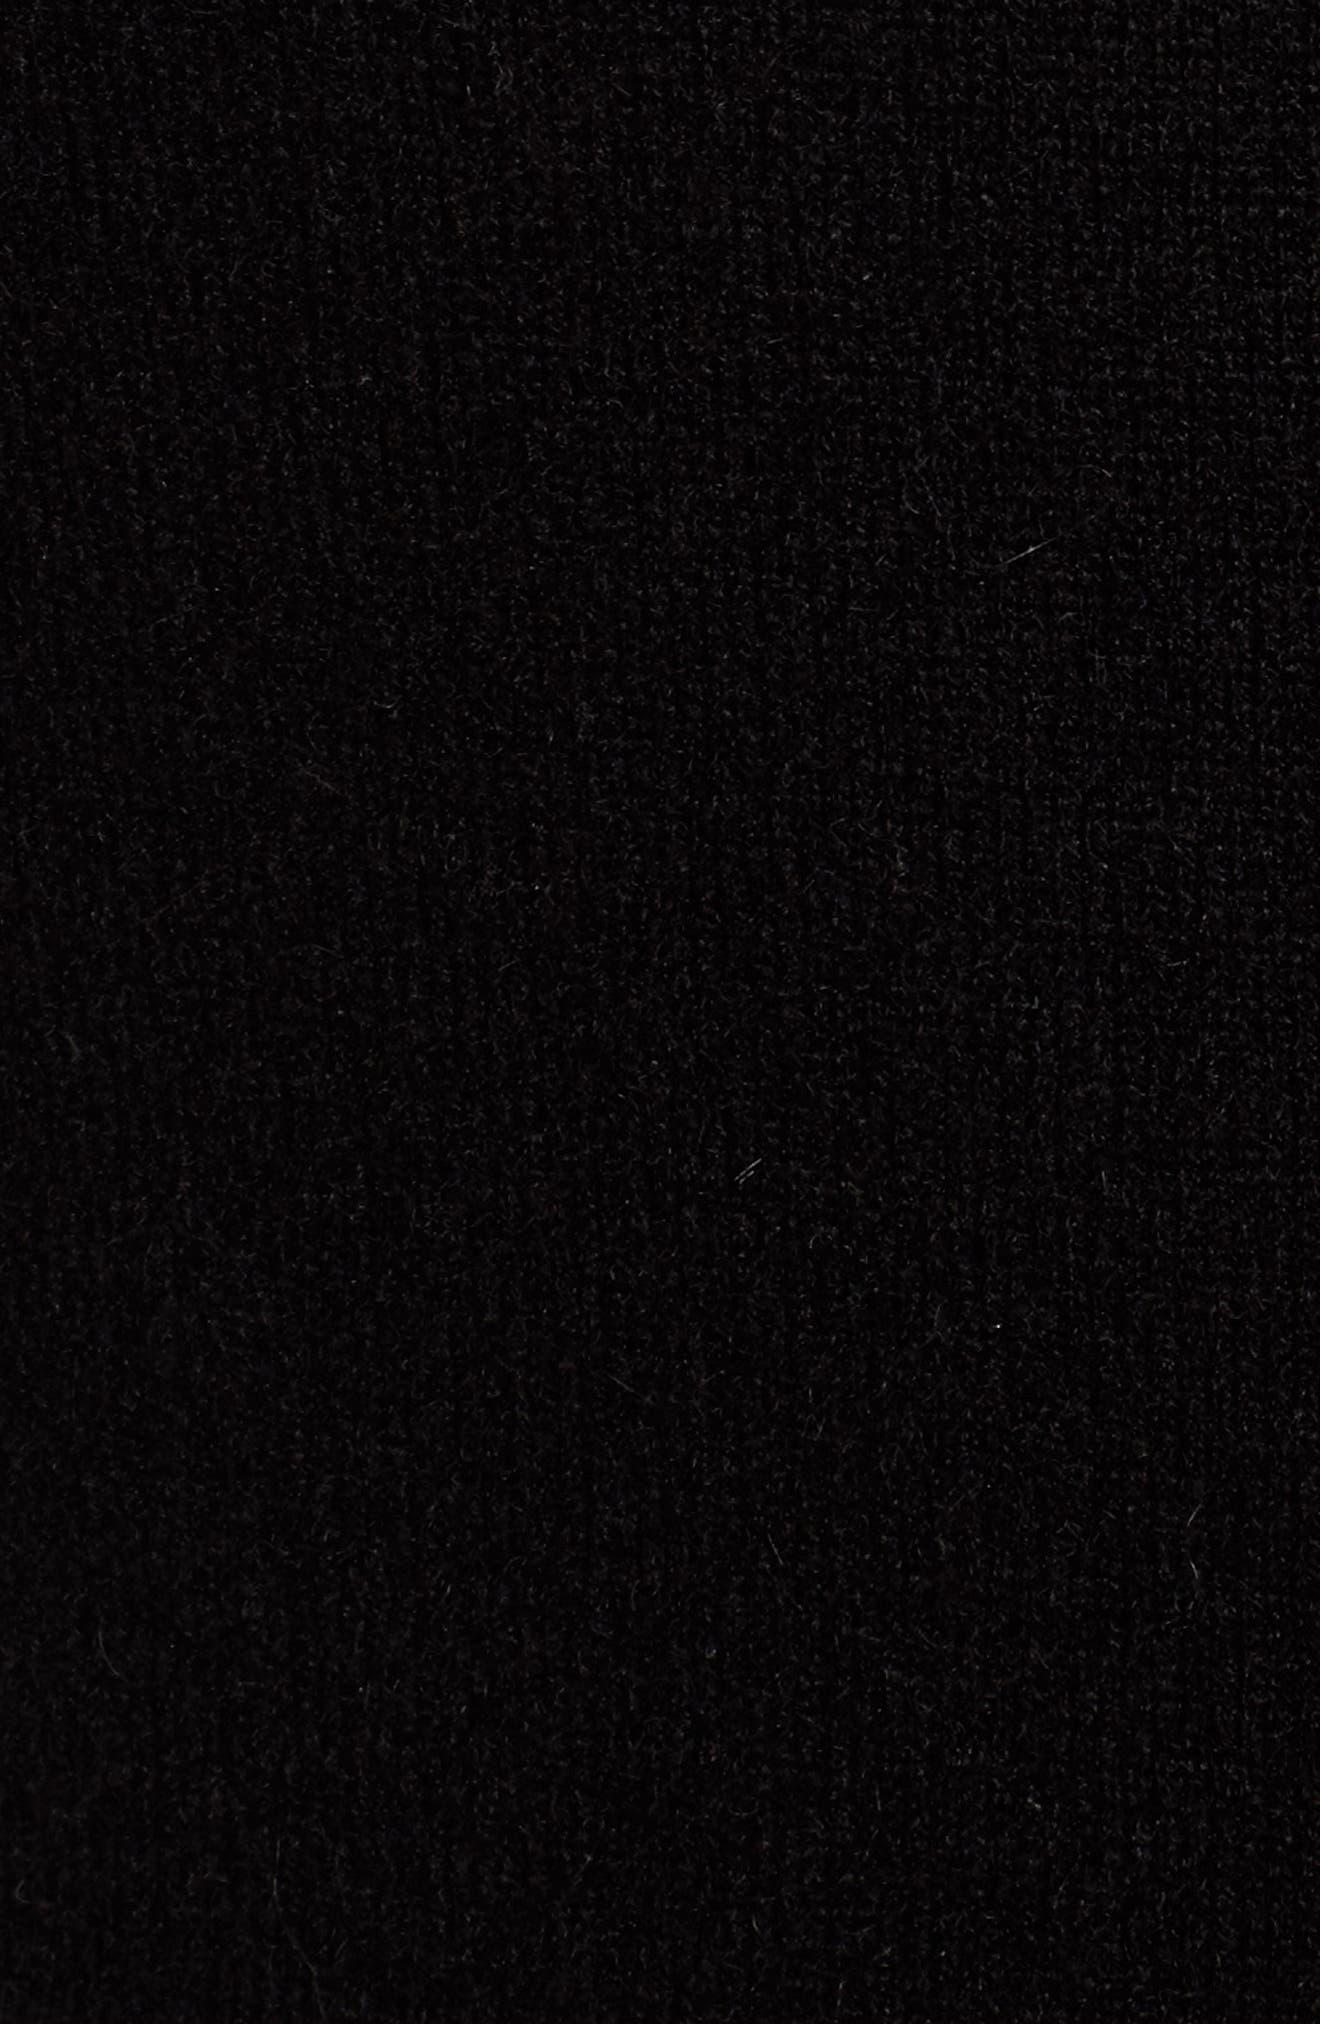 Cashmere Blend V-Neck Midi Dress,                             Alternate thumbnail 5, color,                             Black